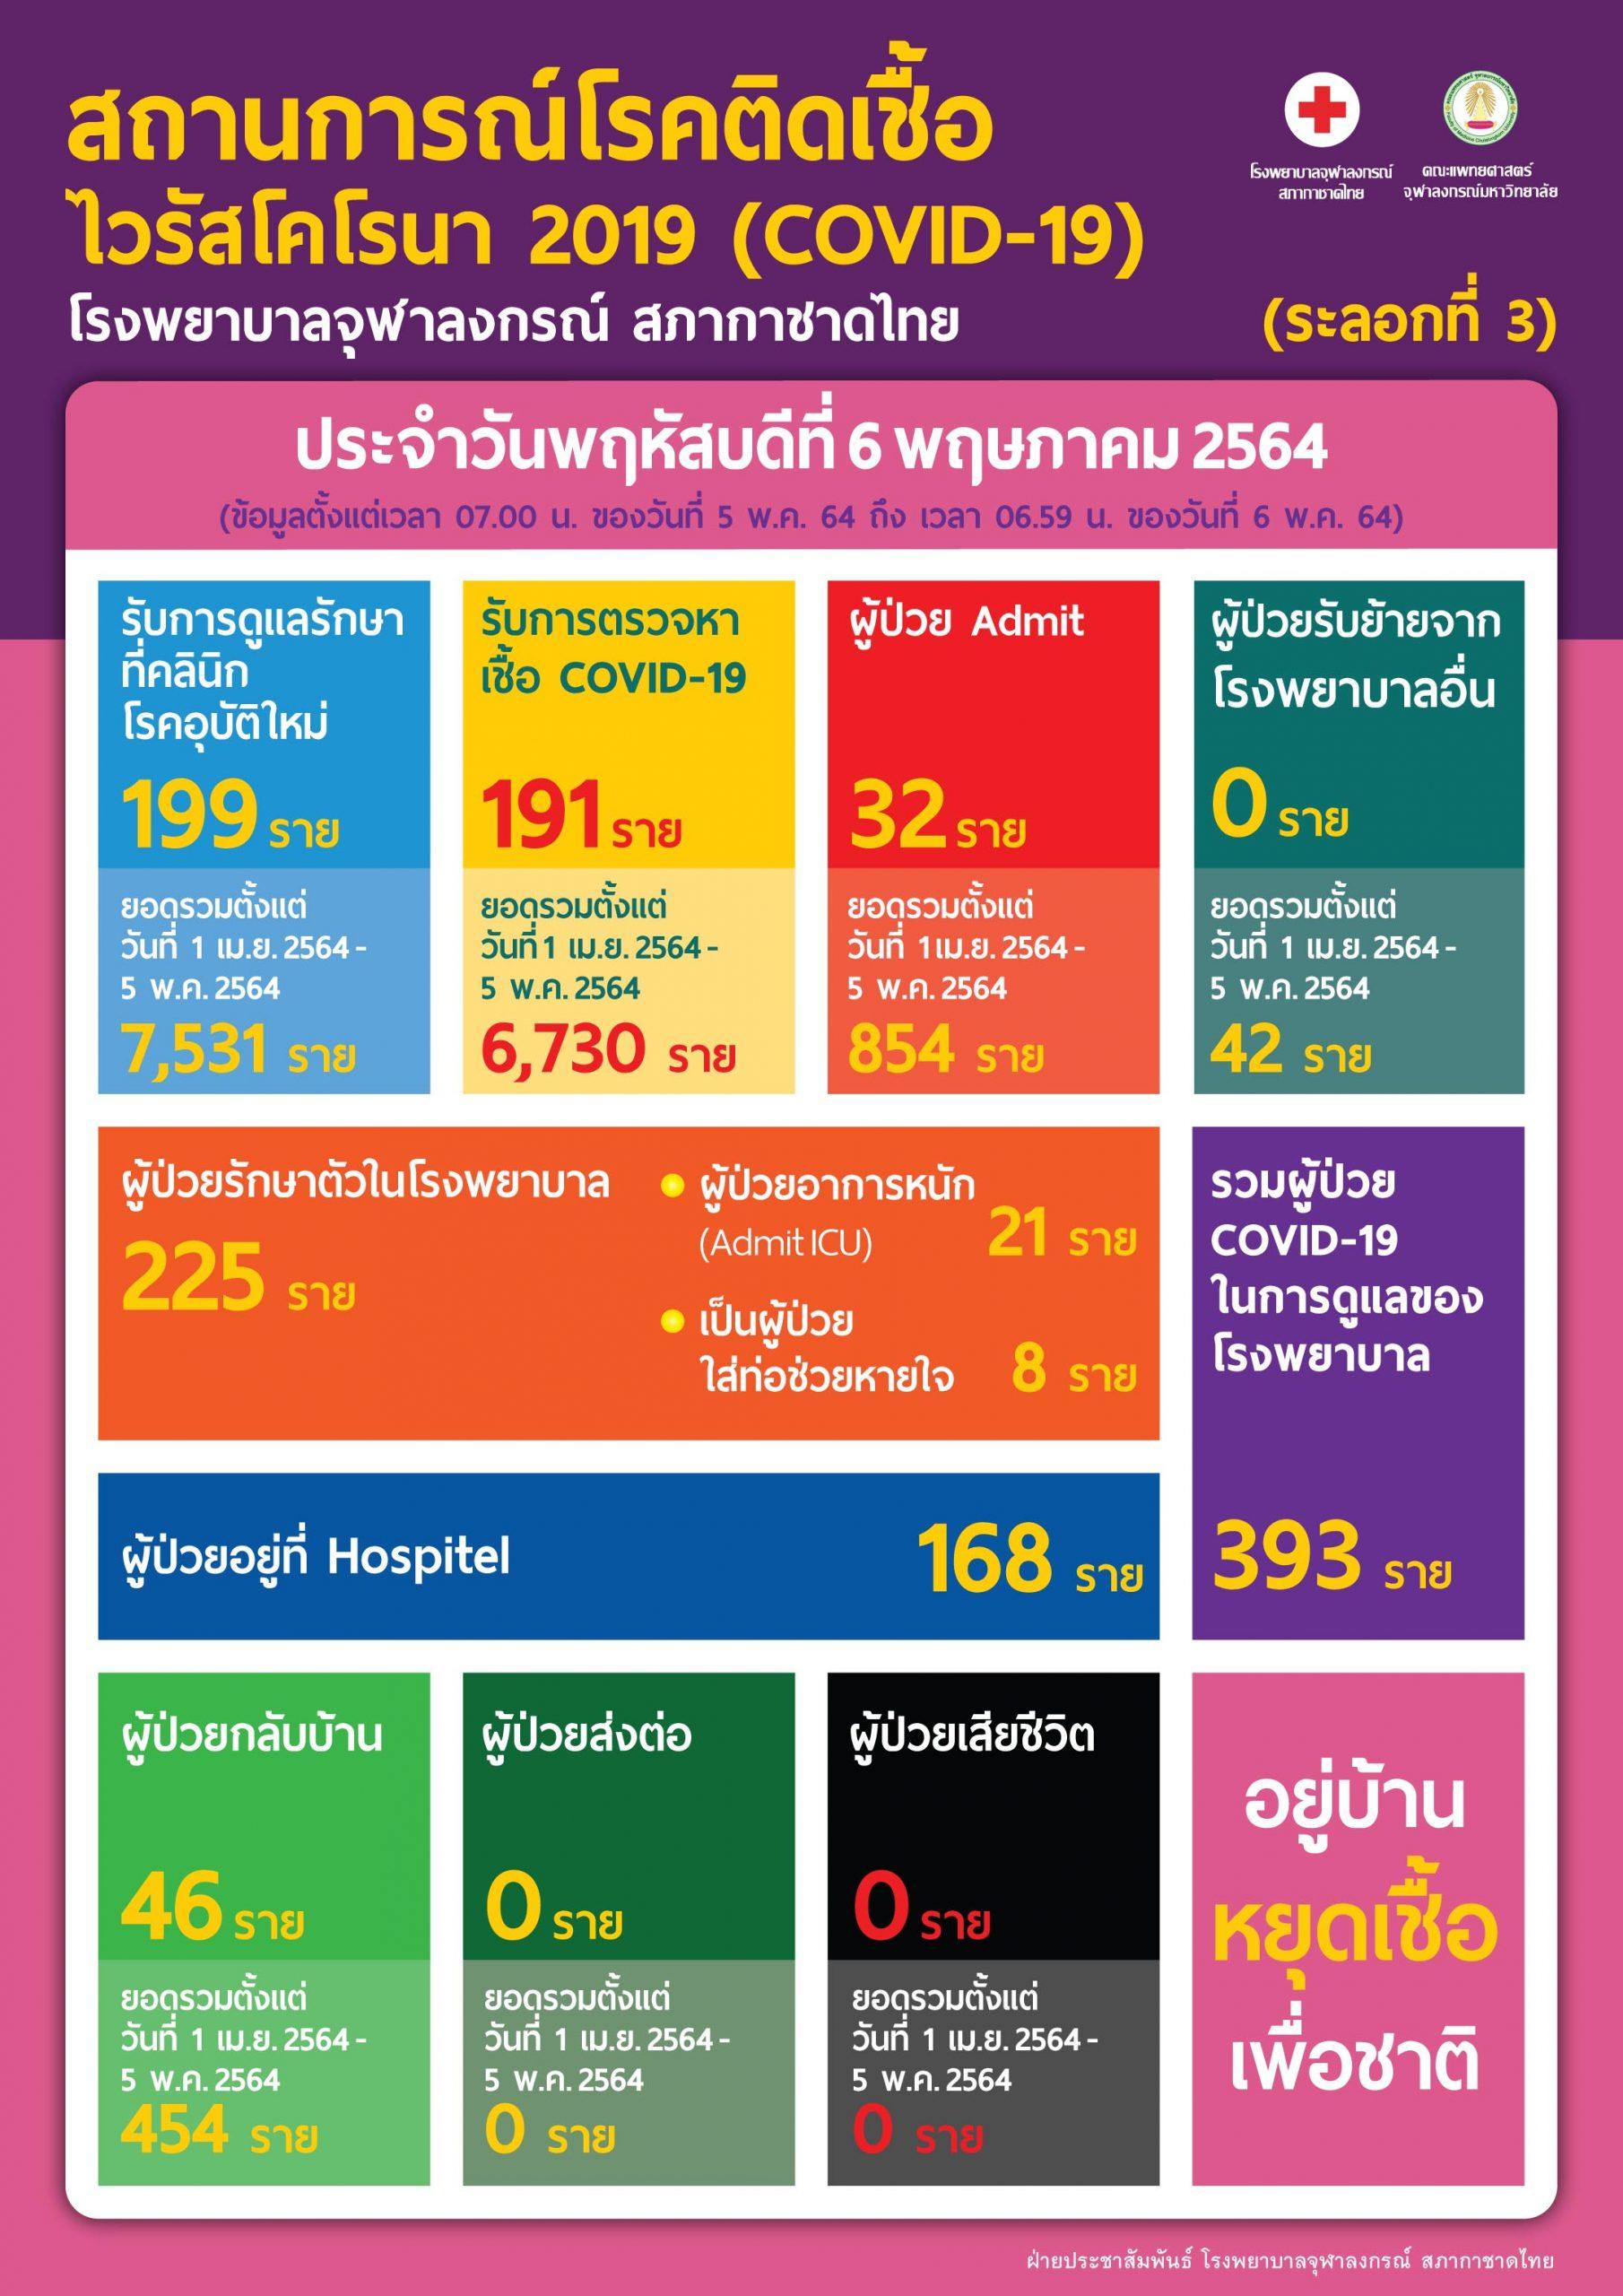 สถานการณ์โรคติดเชื้อ ไวรัสโคโรนา 2019 (COVID-19) โรงพยาบาลจุฬาลงกรณ์ สภากาชาดไทย (ระลอกที่ 3) ประจำวันพฤหัสบดีที่ 6 พฤษภาคม 2564